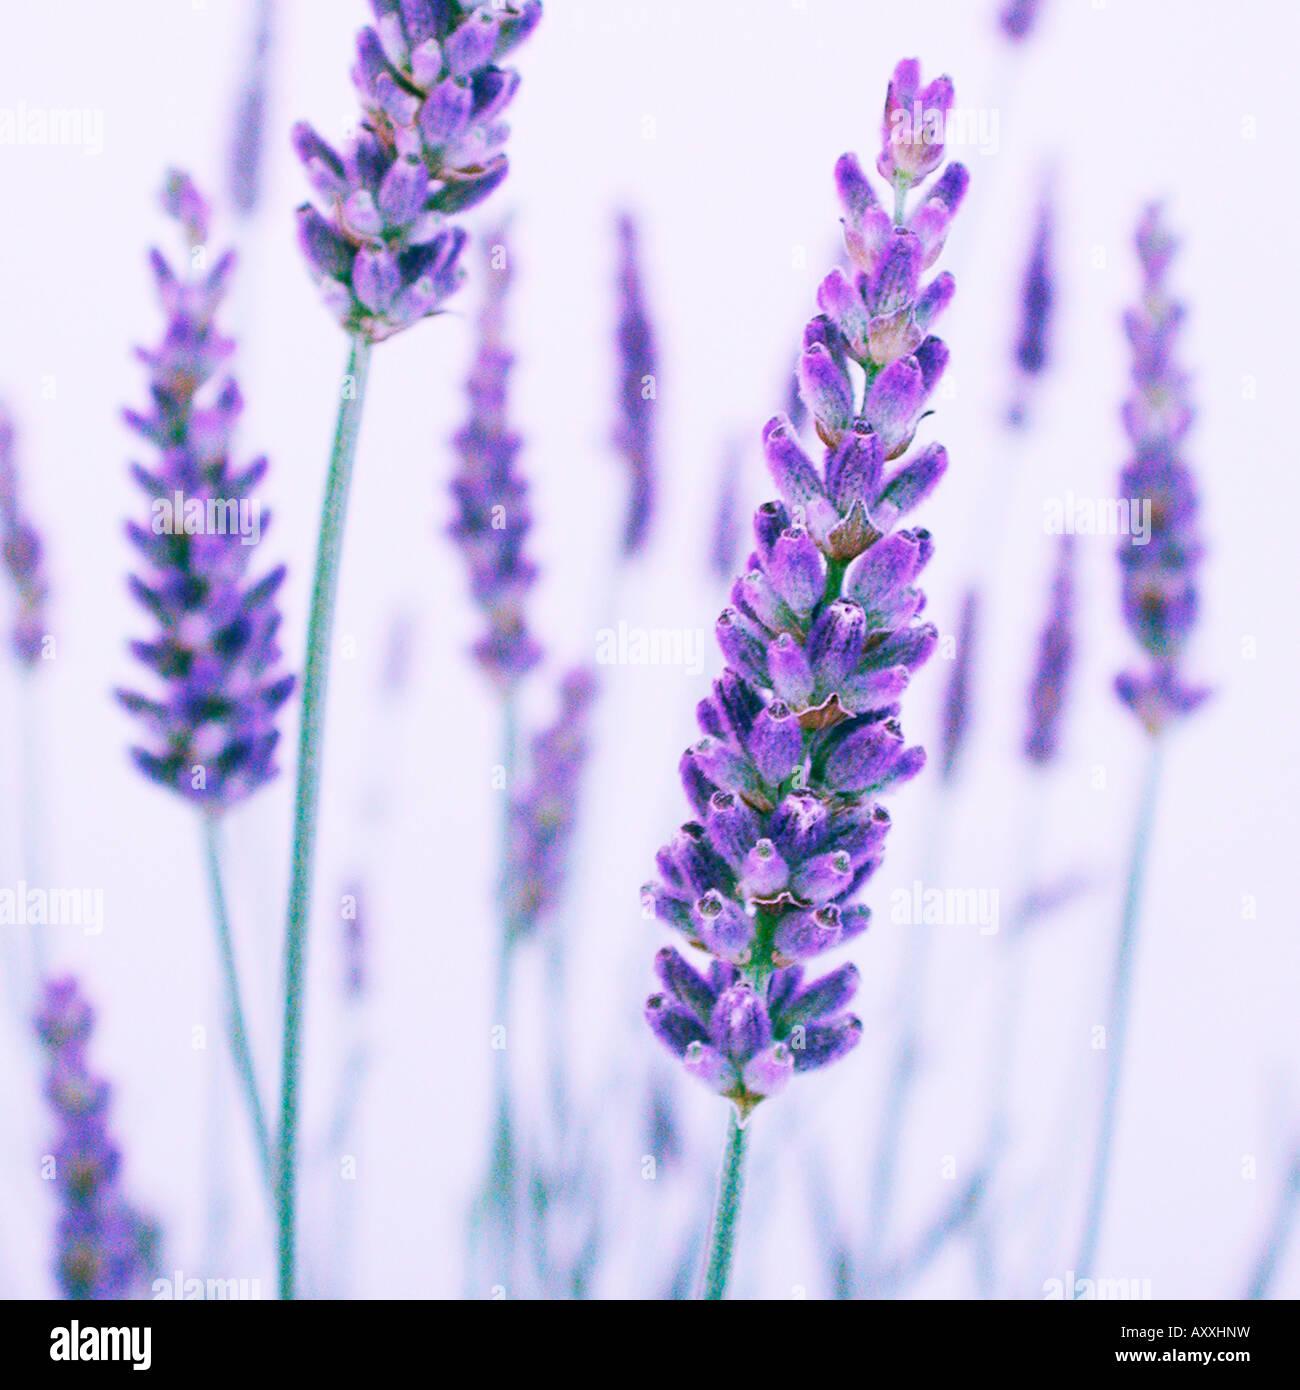 Lavender, Lavandula, Purple flowers on stems. - Stock Image